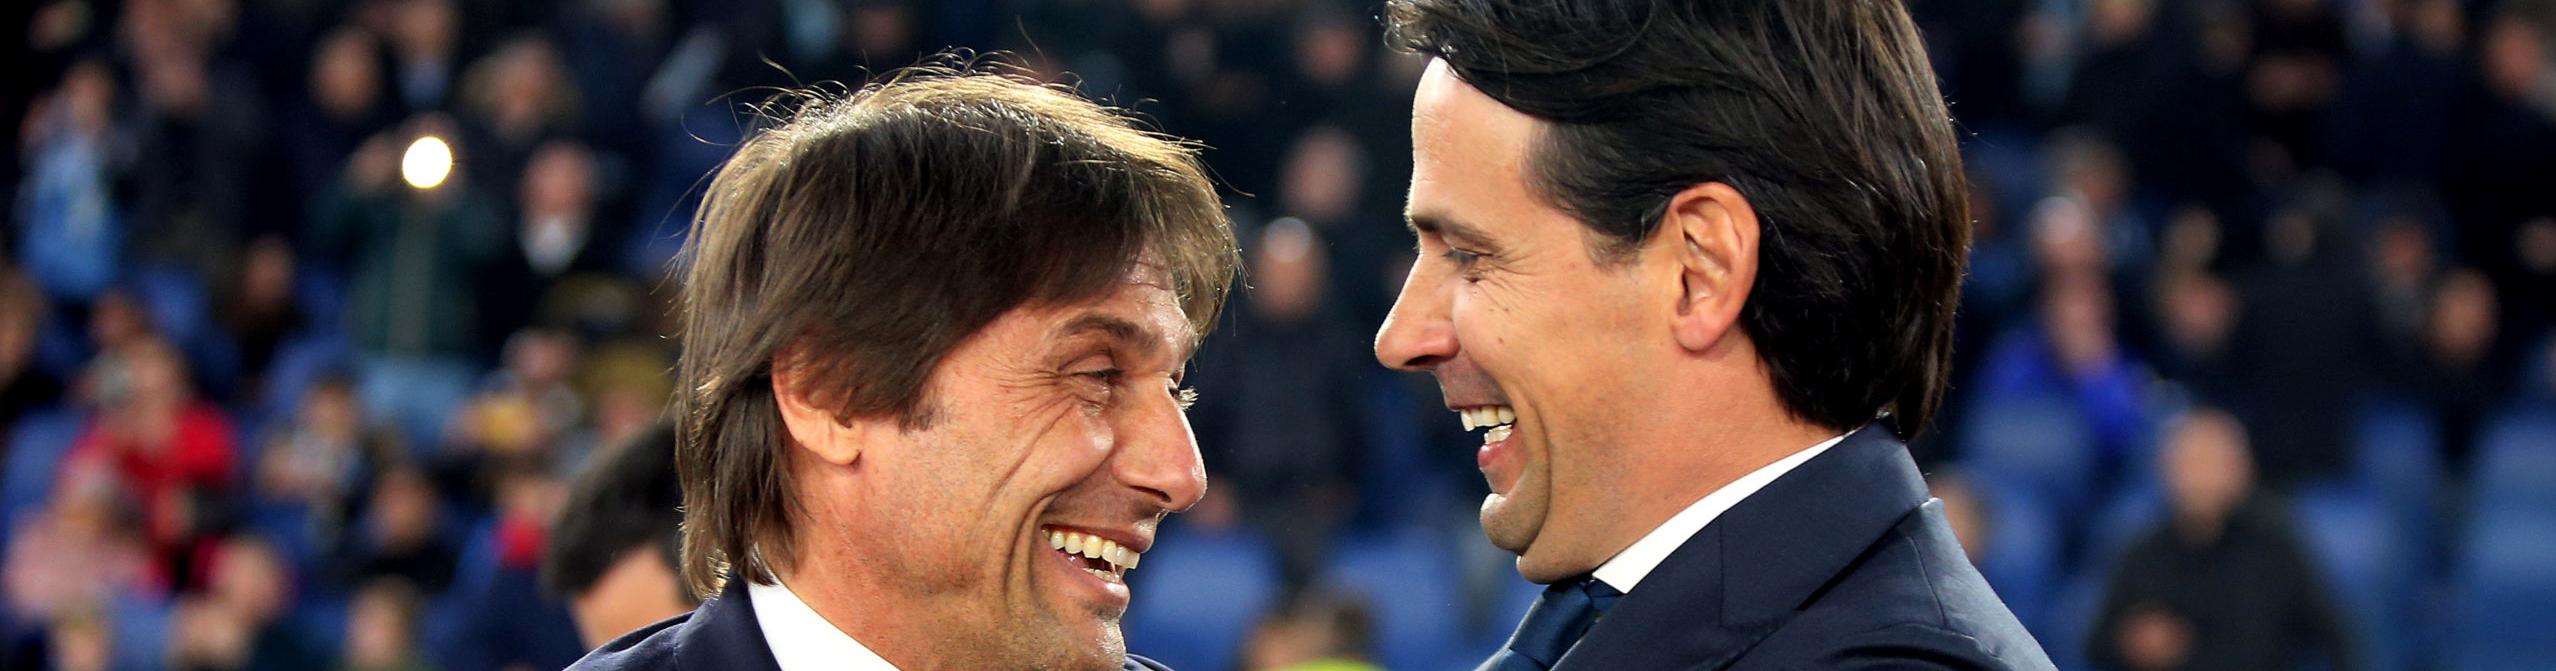 Inter-Lazio: Conte-Inzaghi, sfida di lusso dal sapore di Champions League